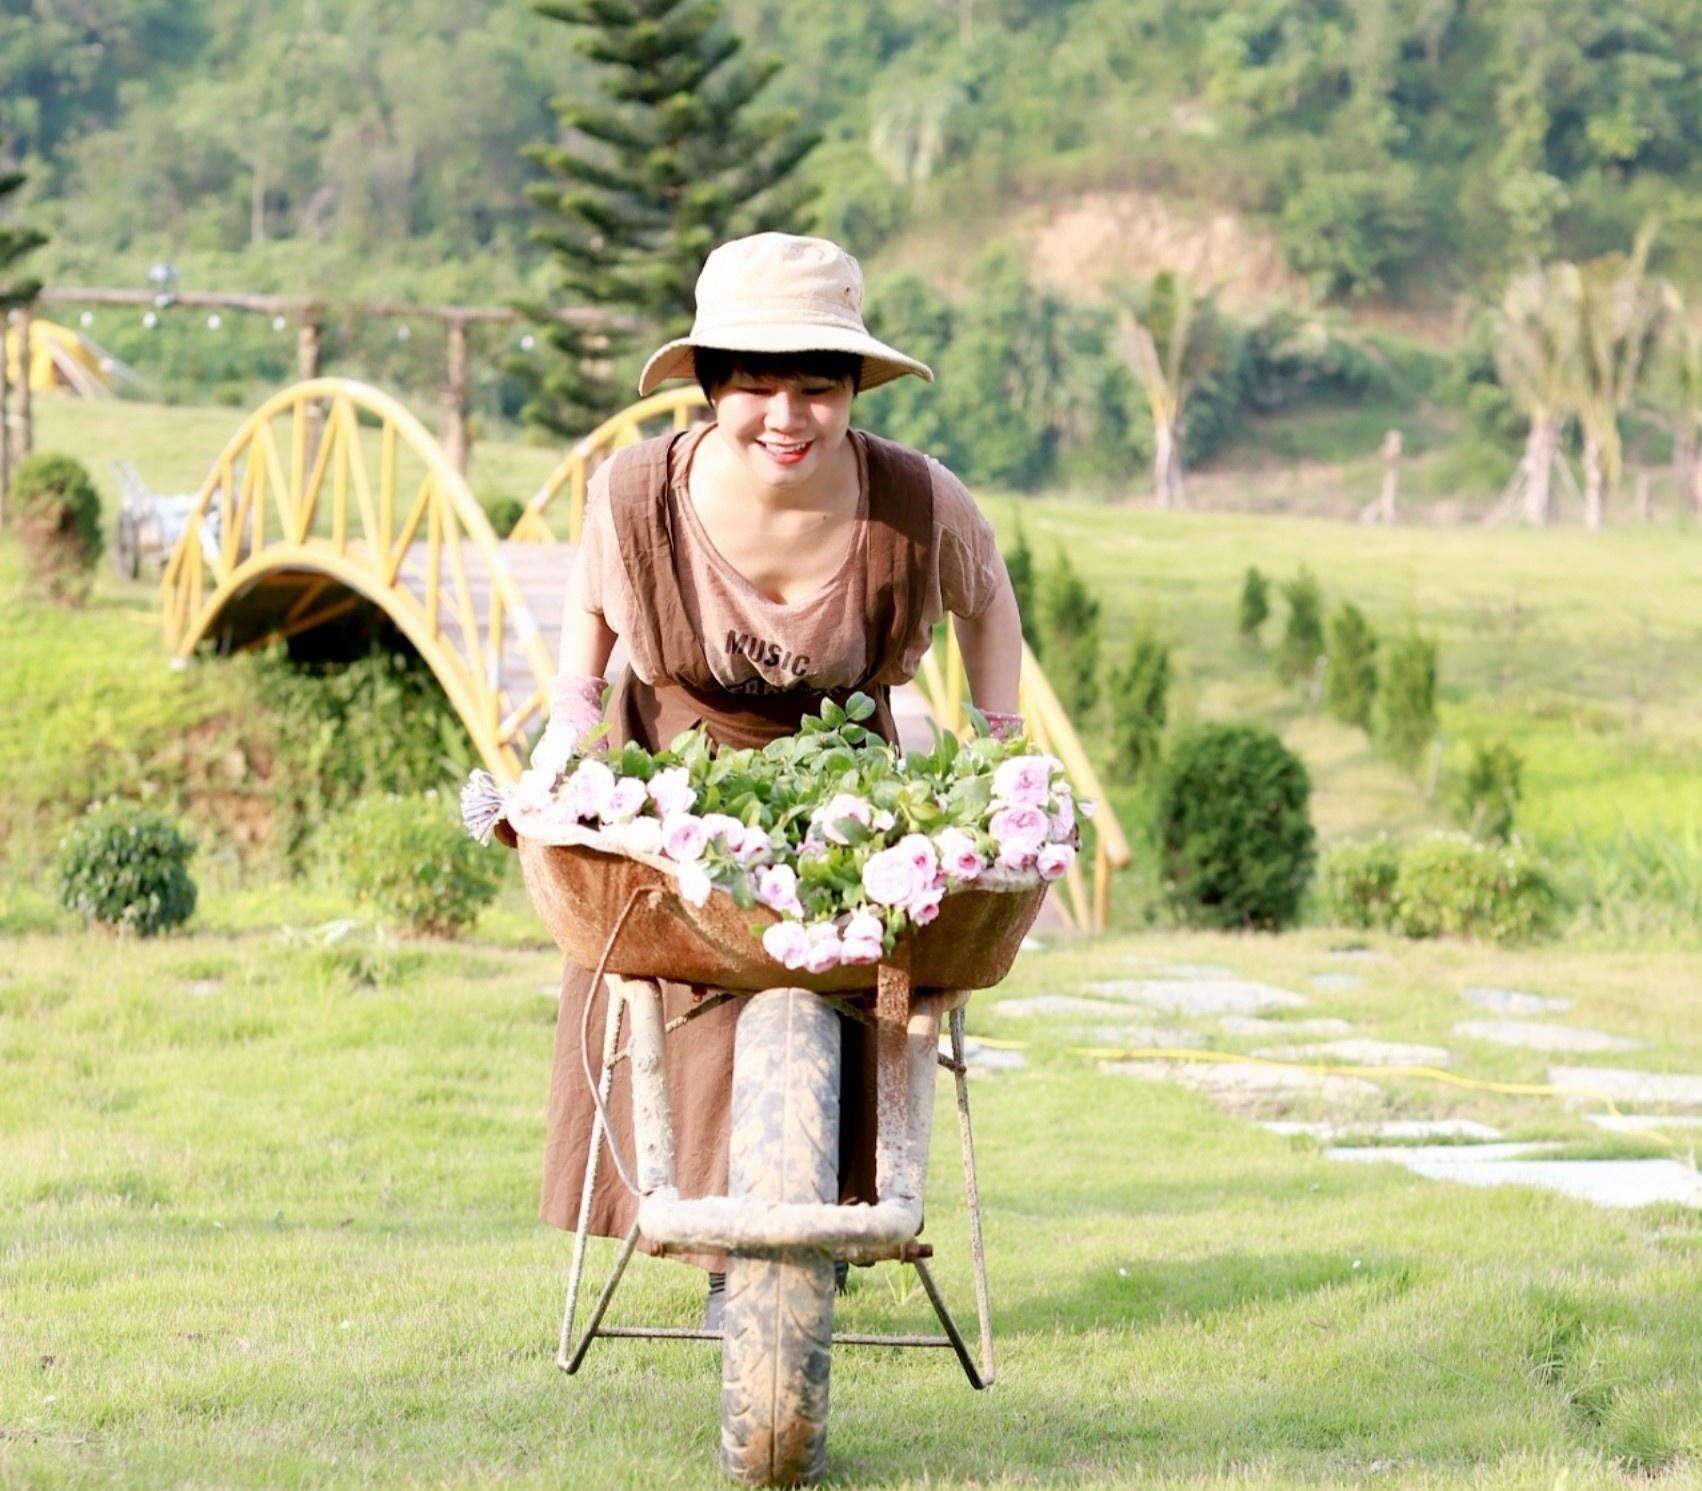 Cặp vợ chồng bỏ phố về quê, mở trang trại 1 ha trong dịch - Ảnh 1.